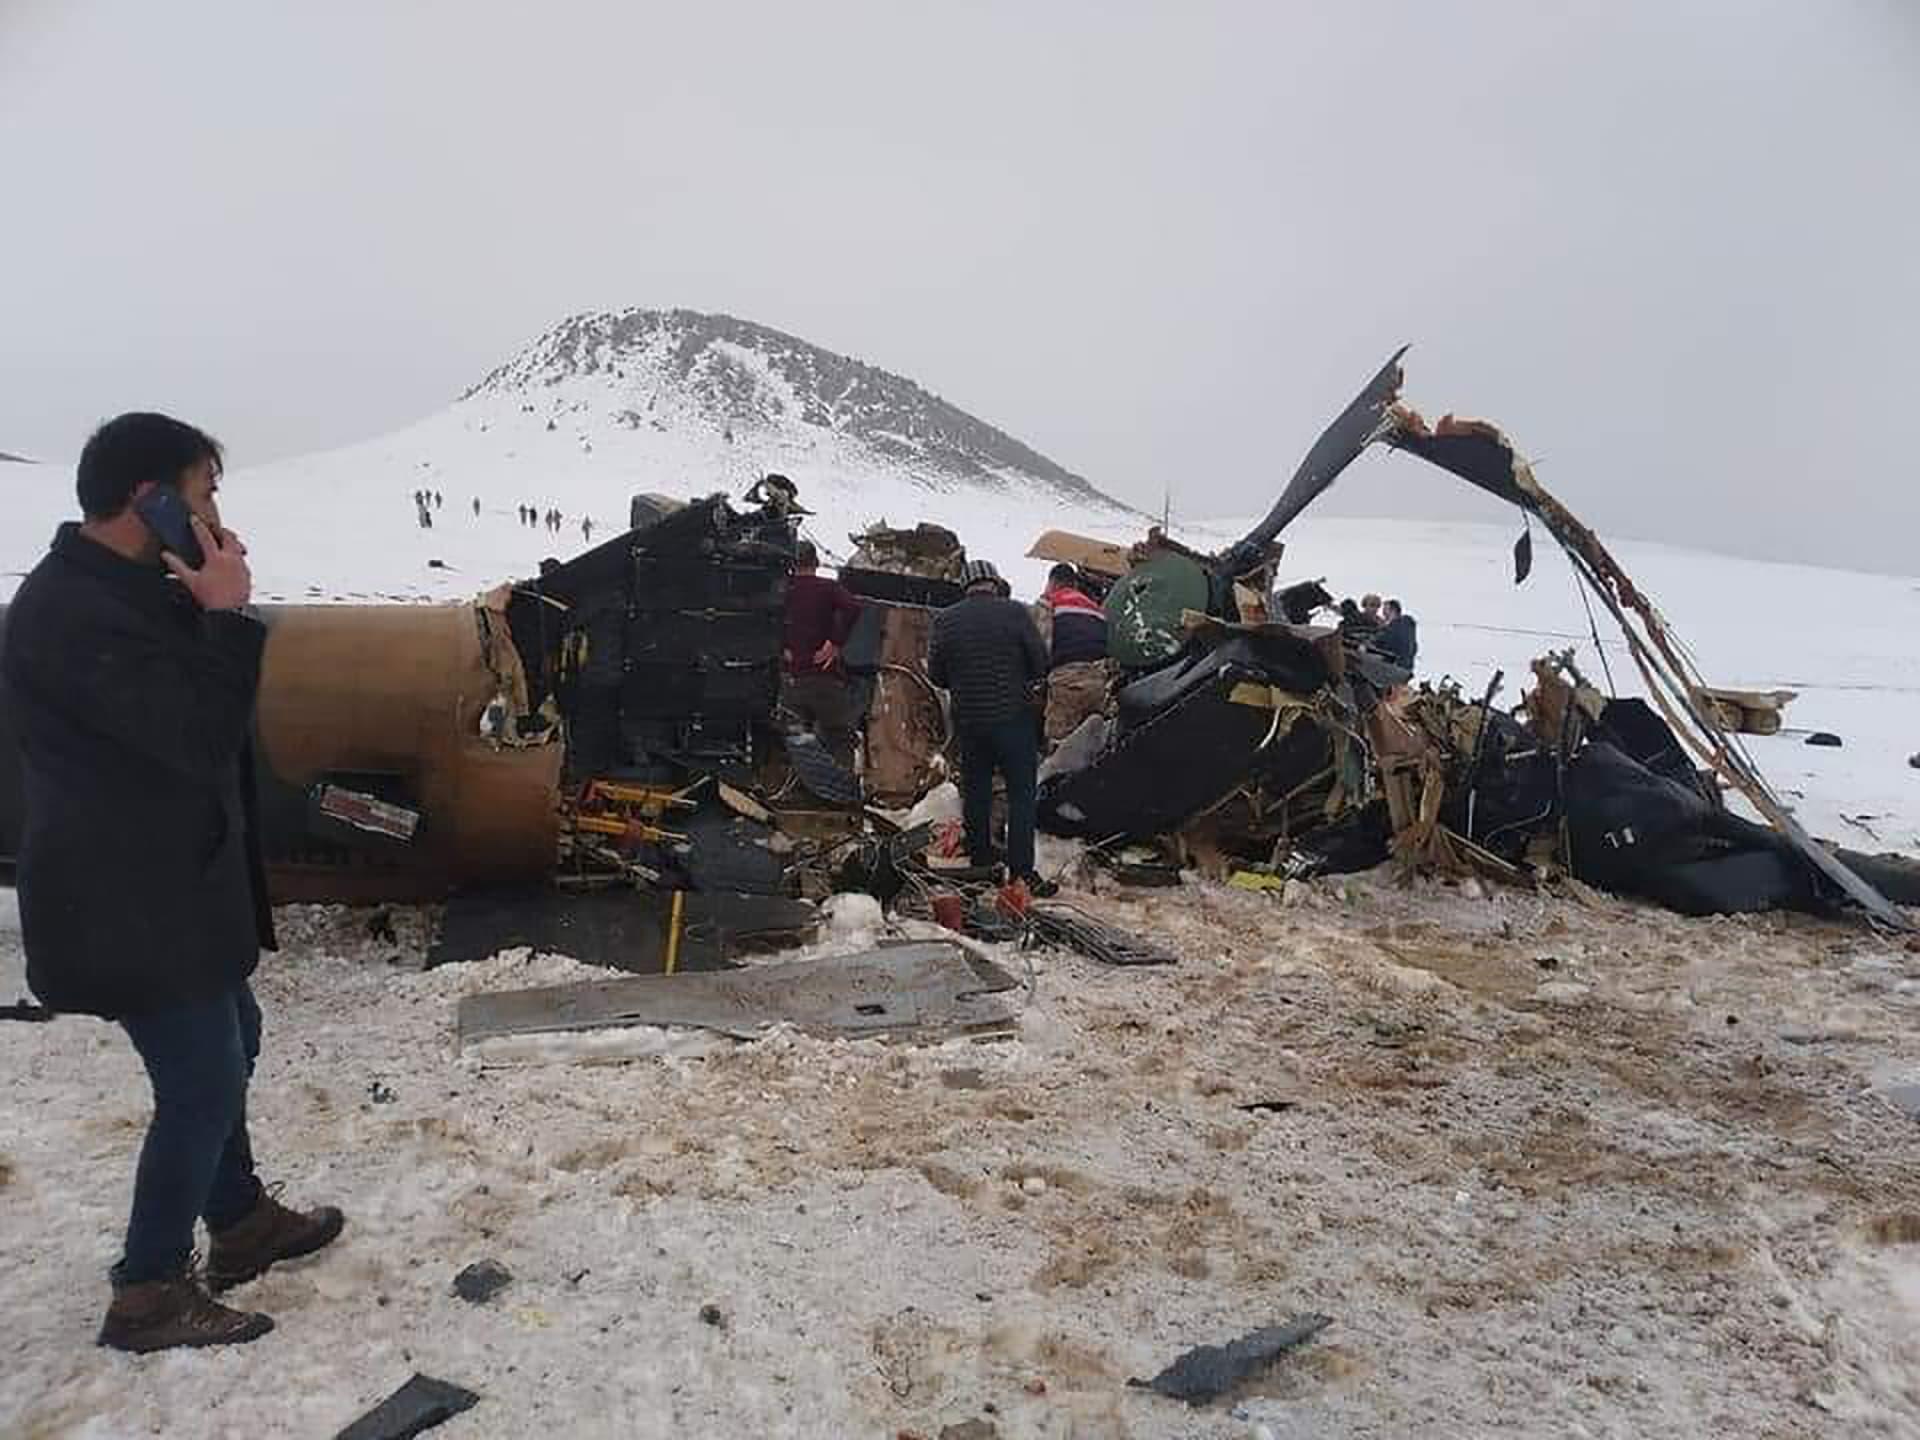 تحطم مروحية عسكرية تركية.. وارتفاع حصيلة ضحايا الحادث إلى 11